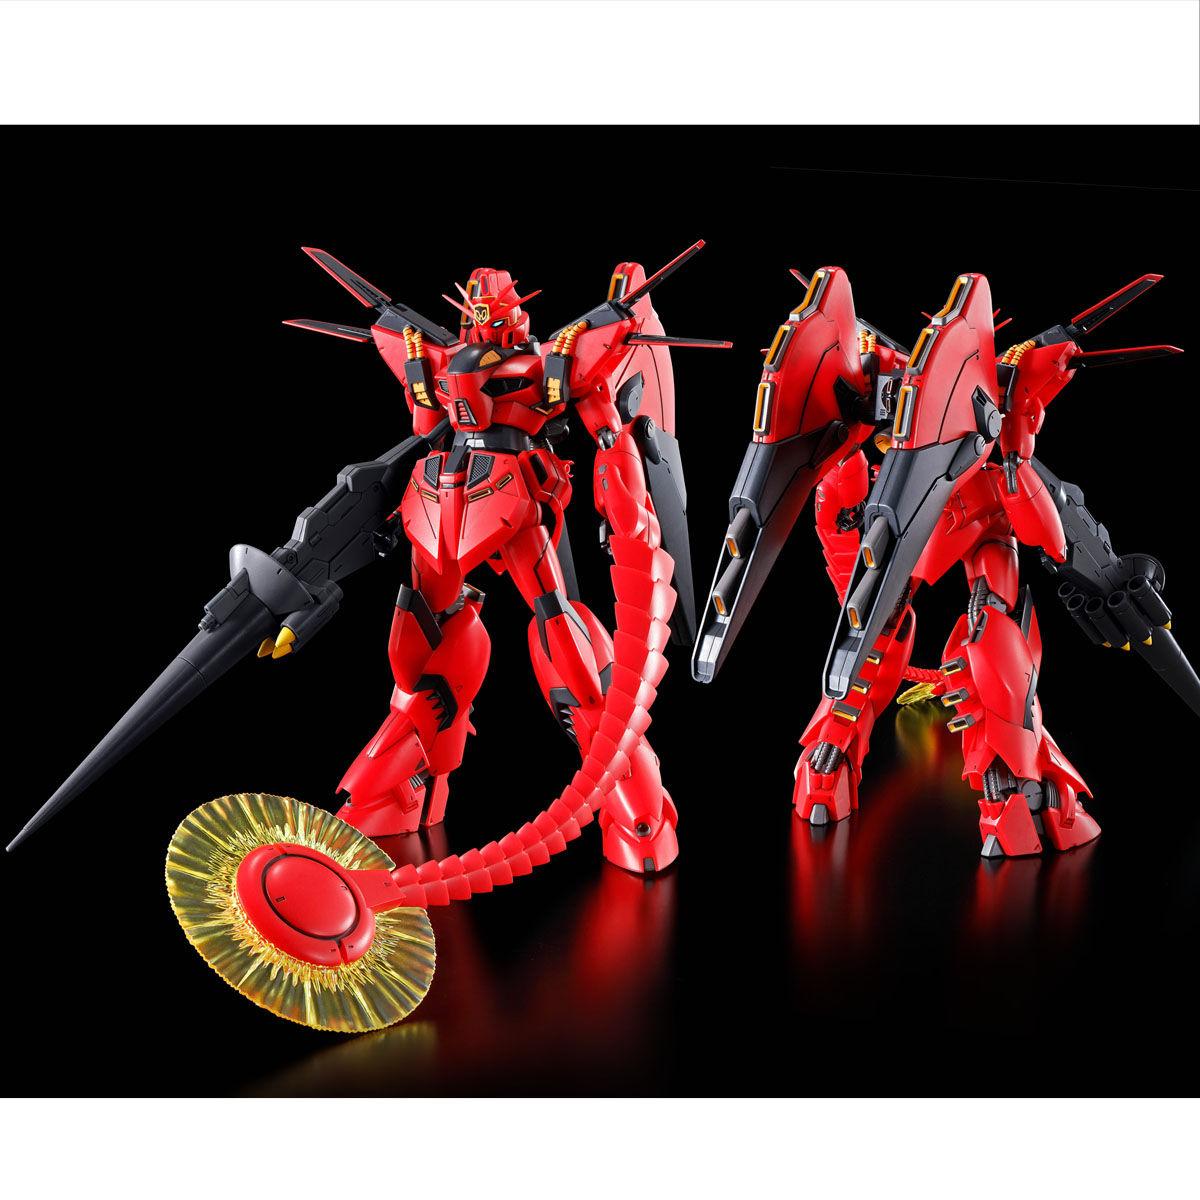 【限定販売】RE/100『ビギナ・ギナII(木星決戦仕様)』1/100 プラモデル-002